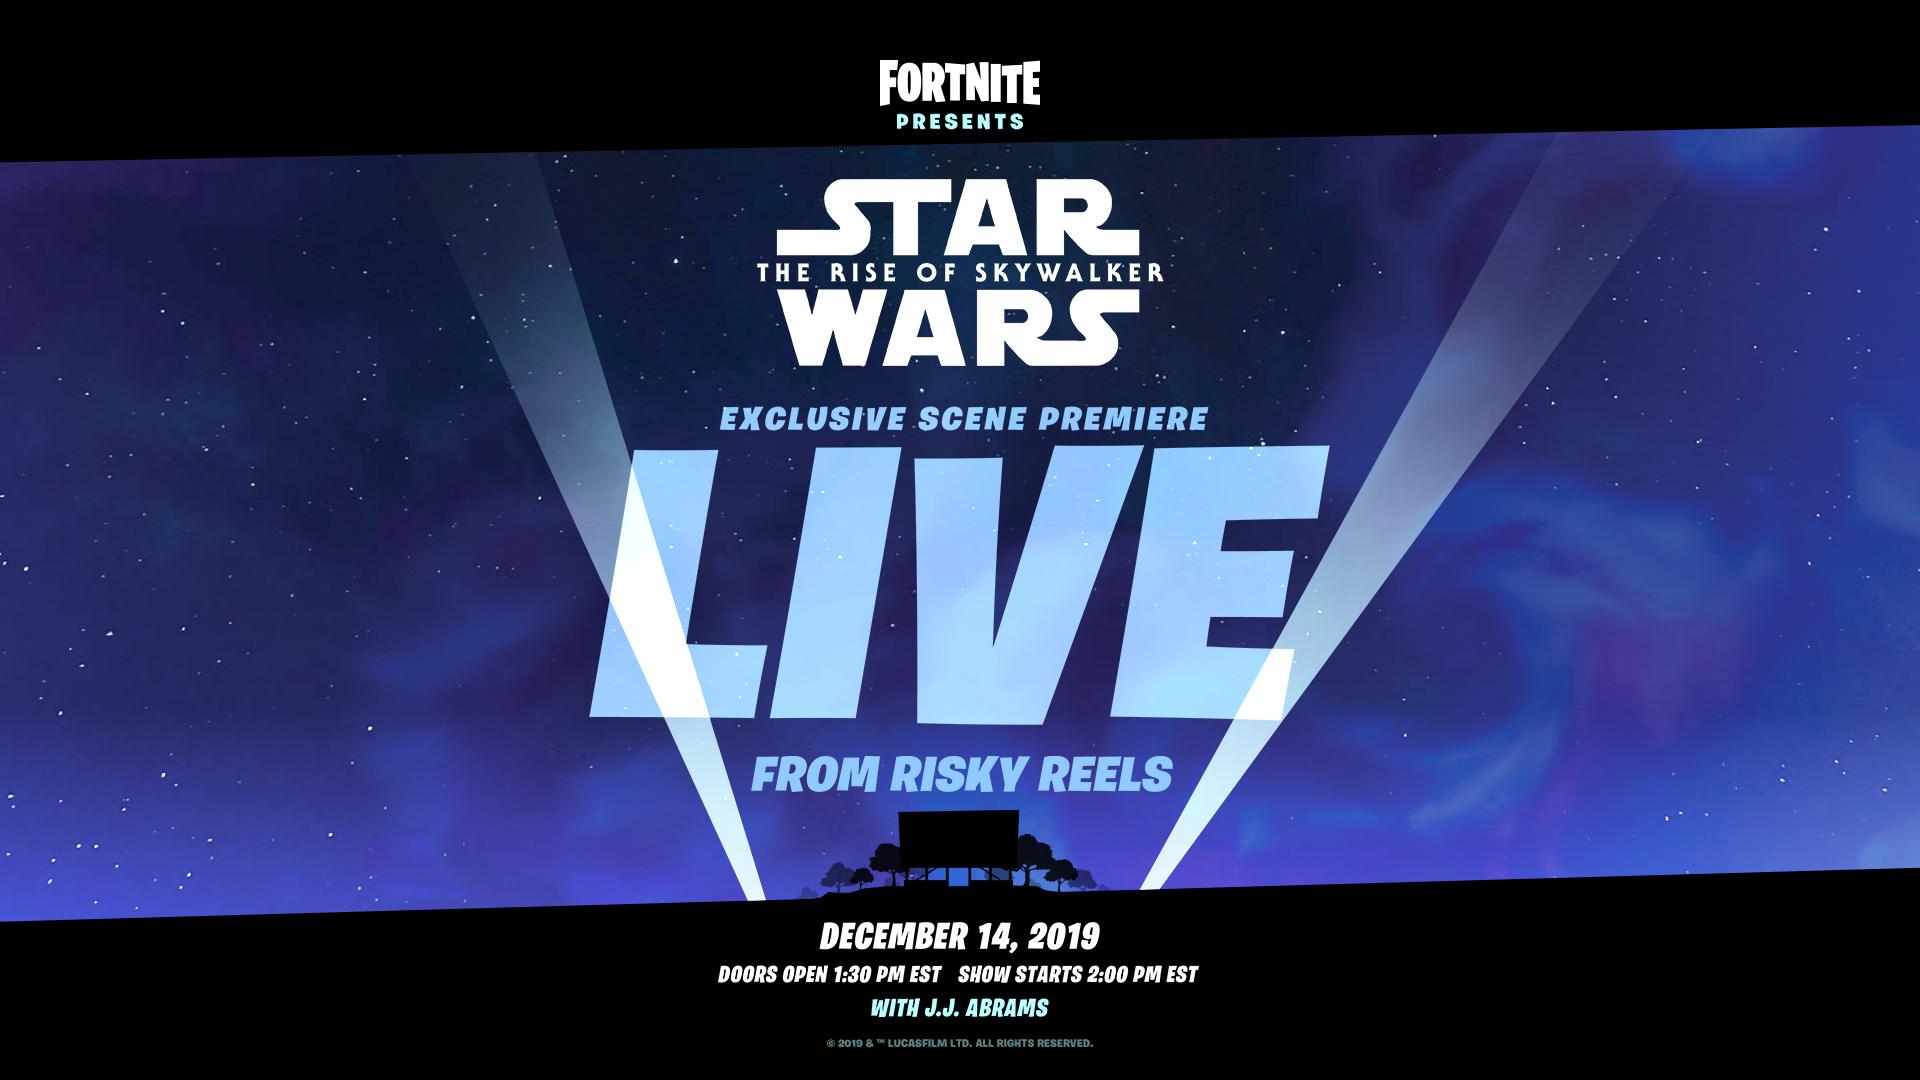 《堡垒之夜》联动《星战9》:游戏将展示独家片段